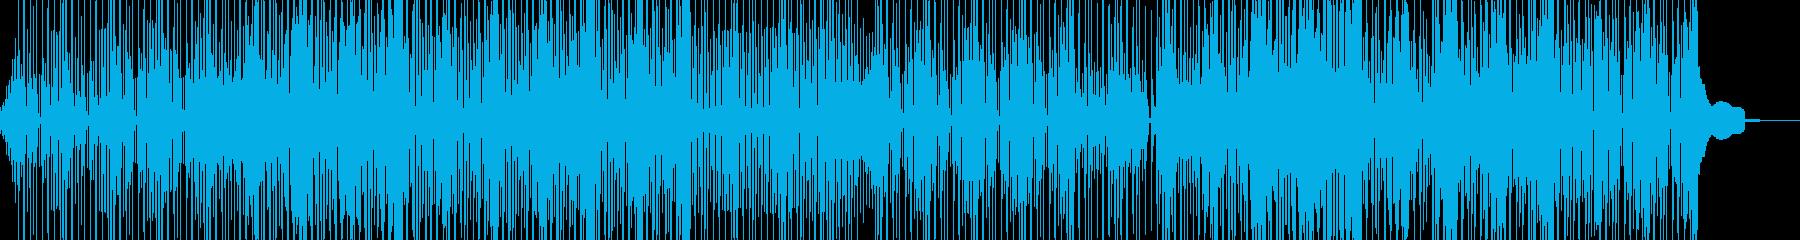 夏バテ(×ω×)無気力ポップ 裏拍子Cの再生済みの波形